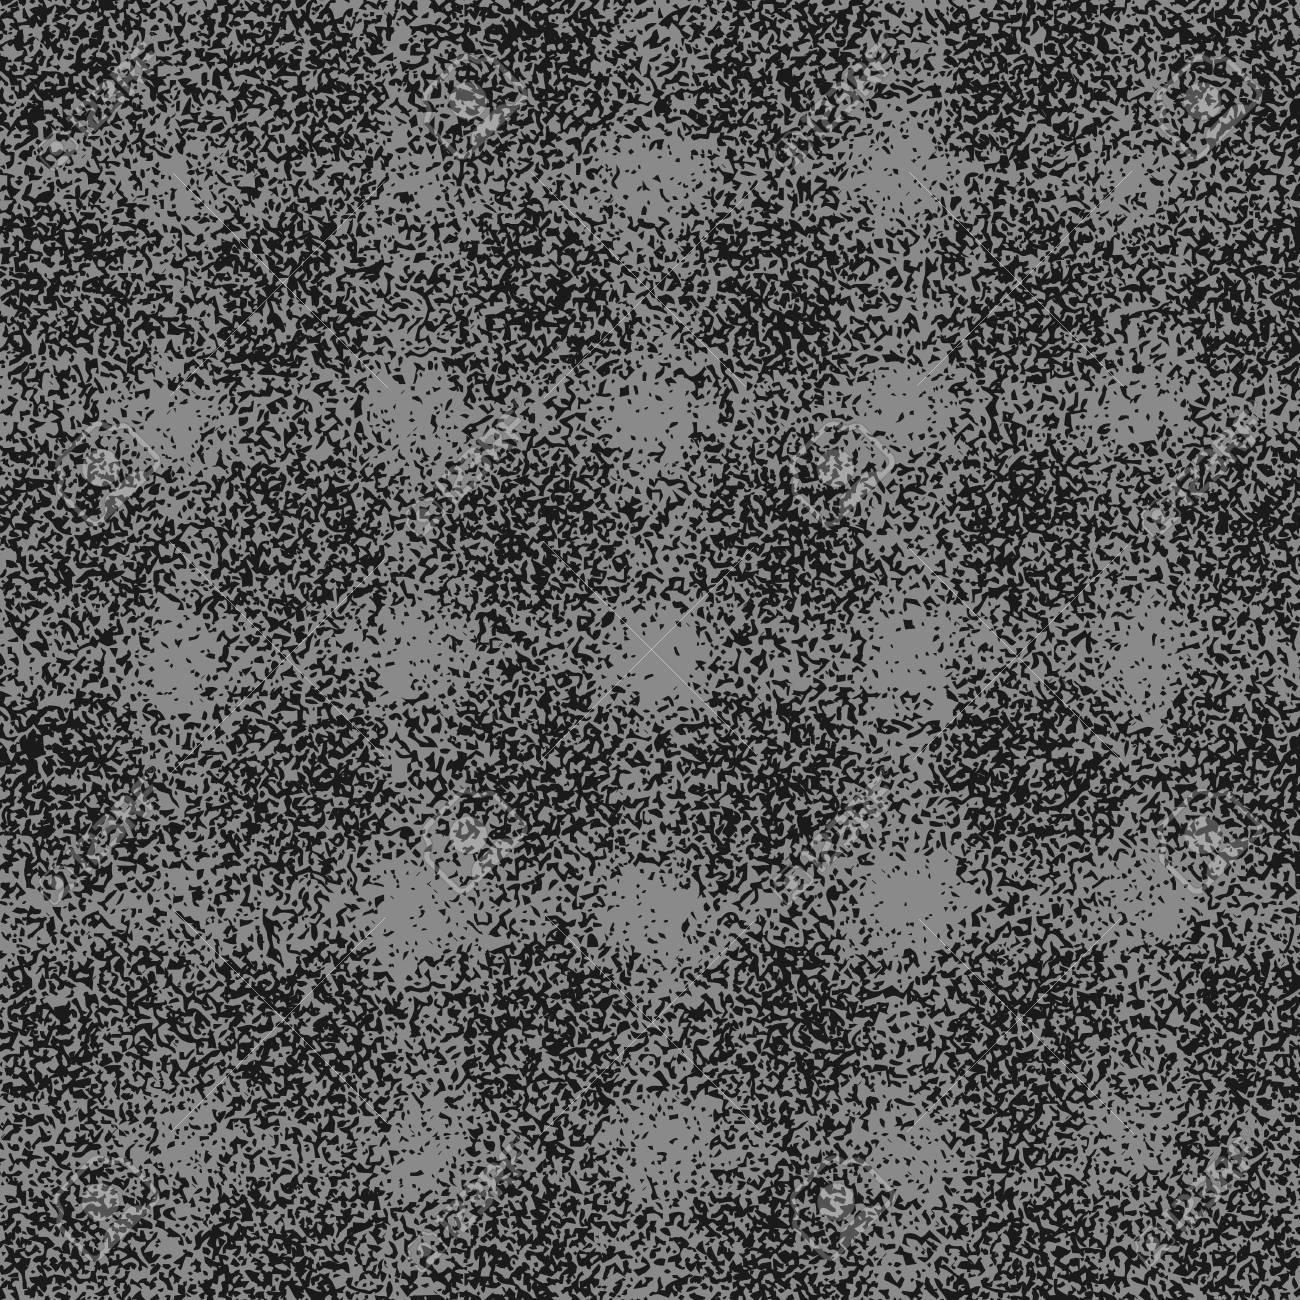 Creative vector texture Stock Vector - 19858423